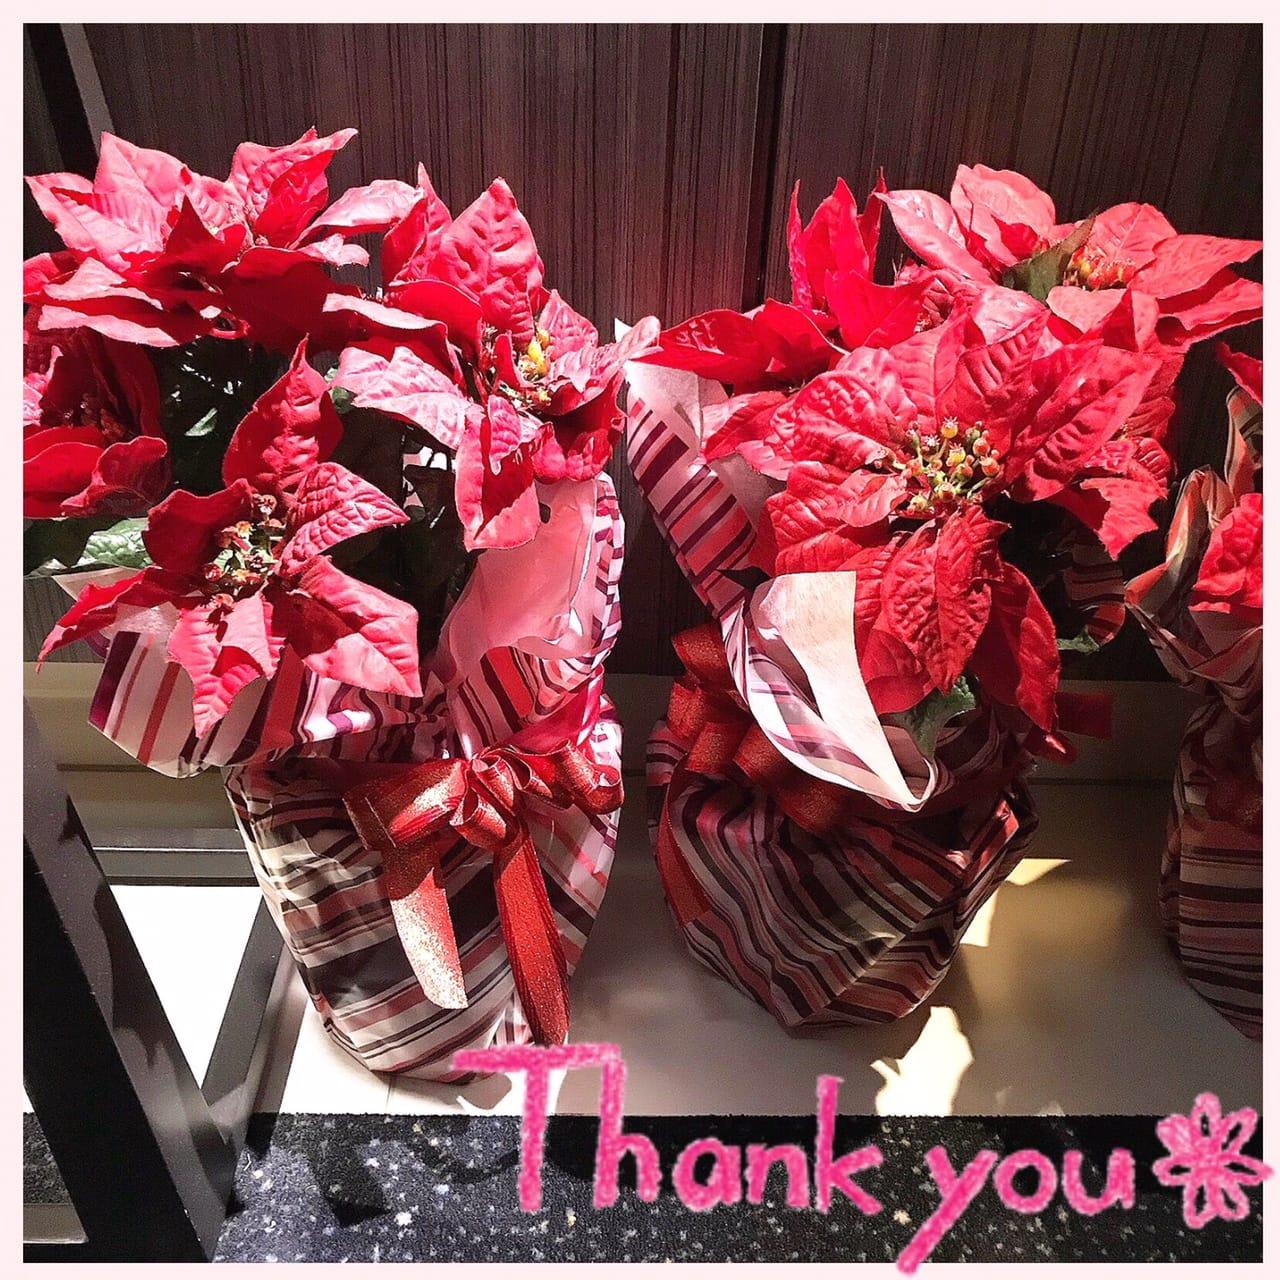 夢乃(ゆめの)「お礼です!!」12/14(木) 19:29 | 夢乃(ゆめの)の写メ・風俗動画